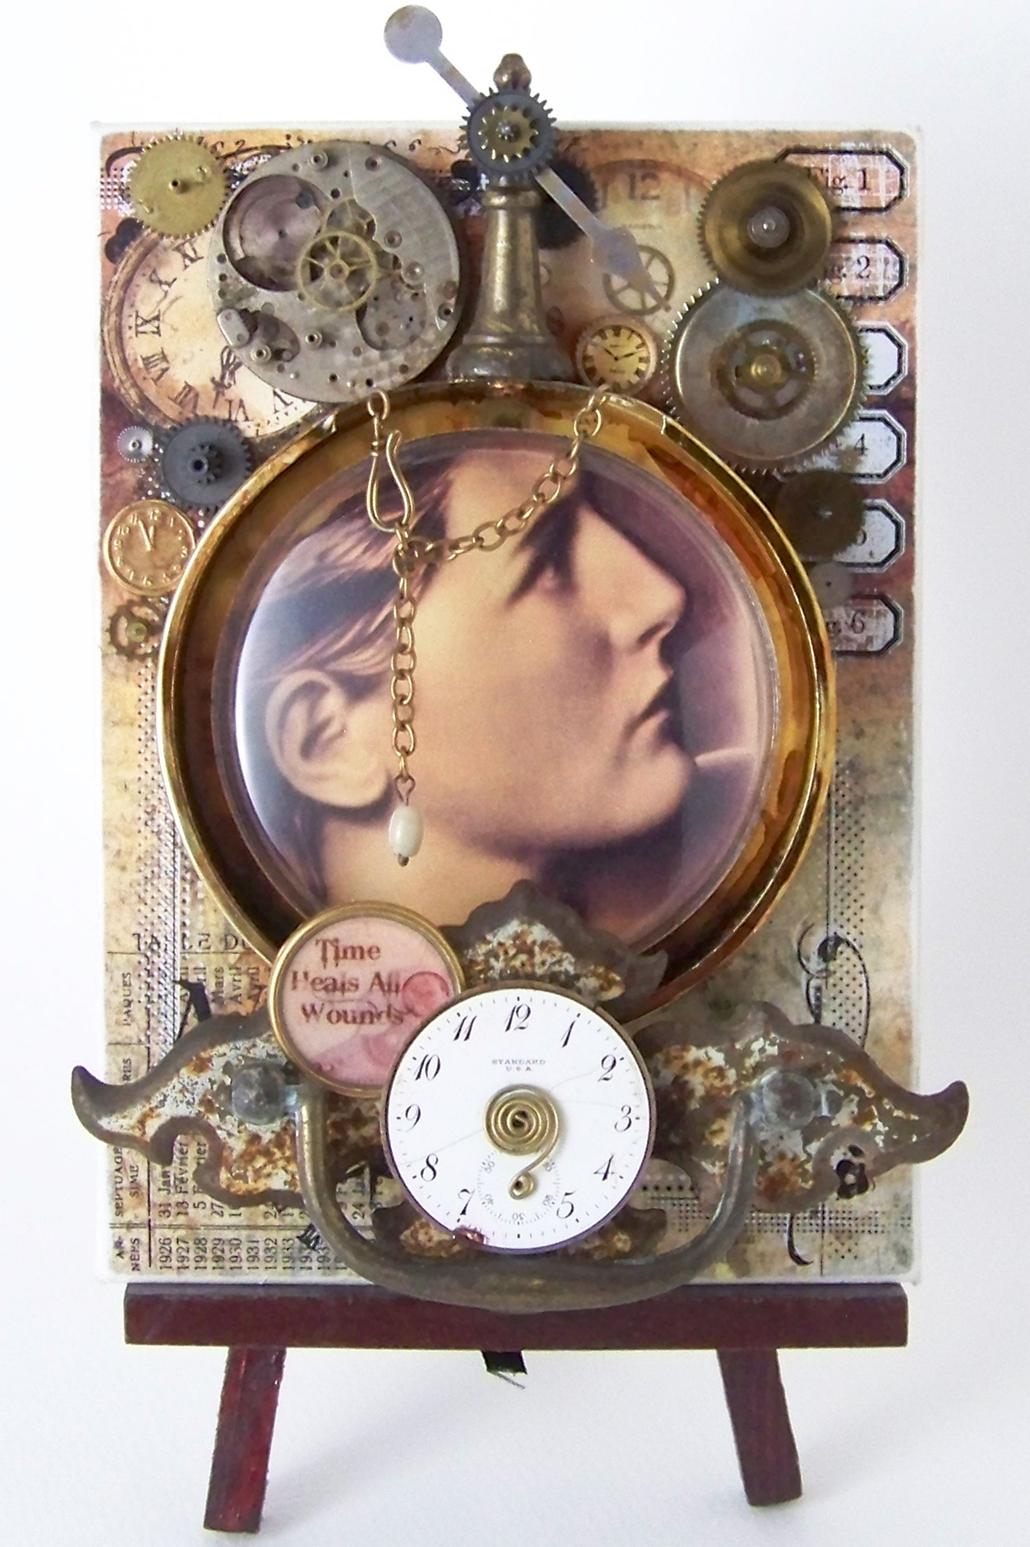 art beckons assemblage art time heals all wounds